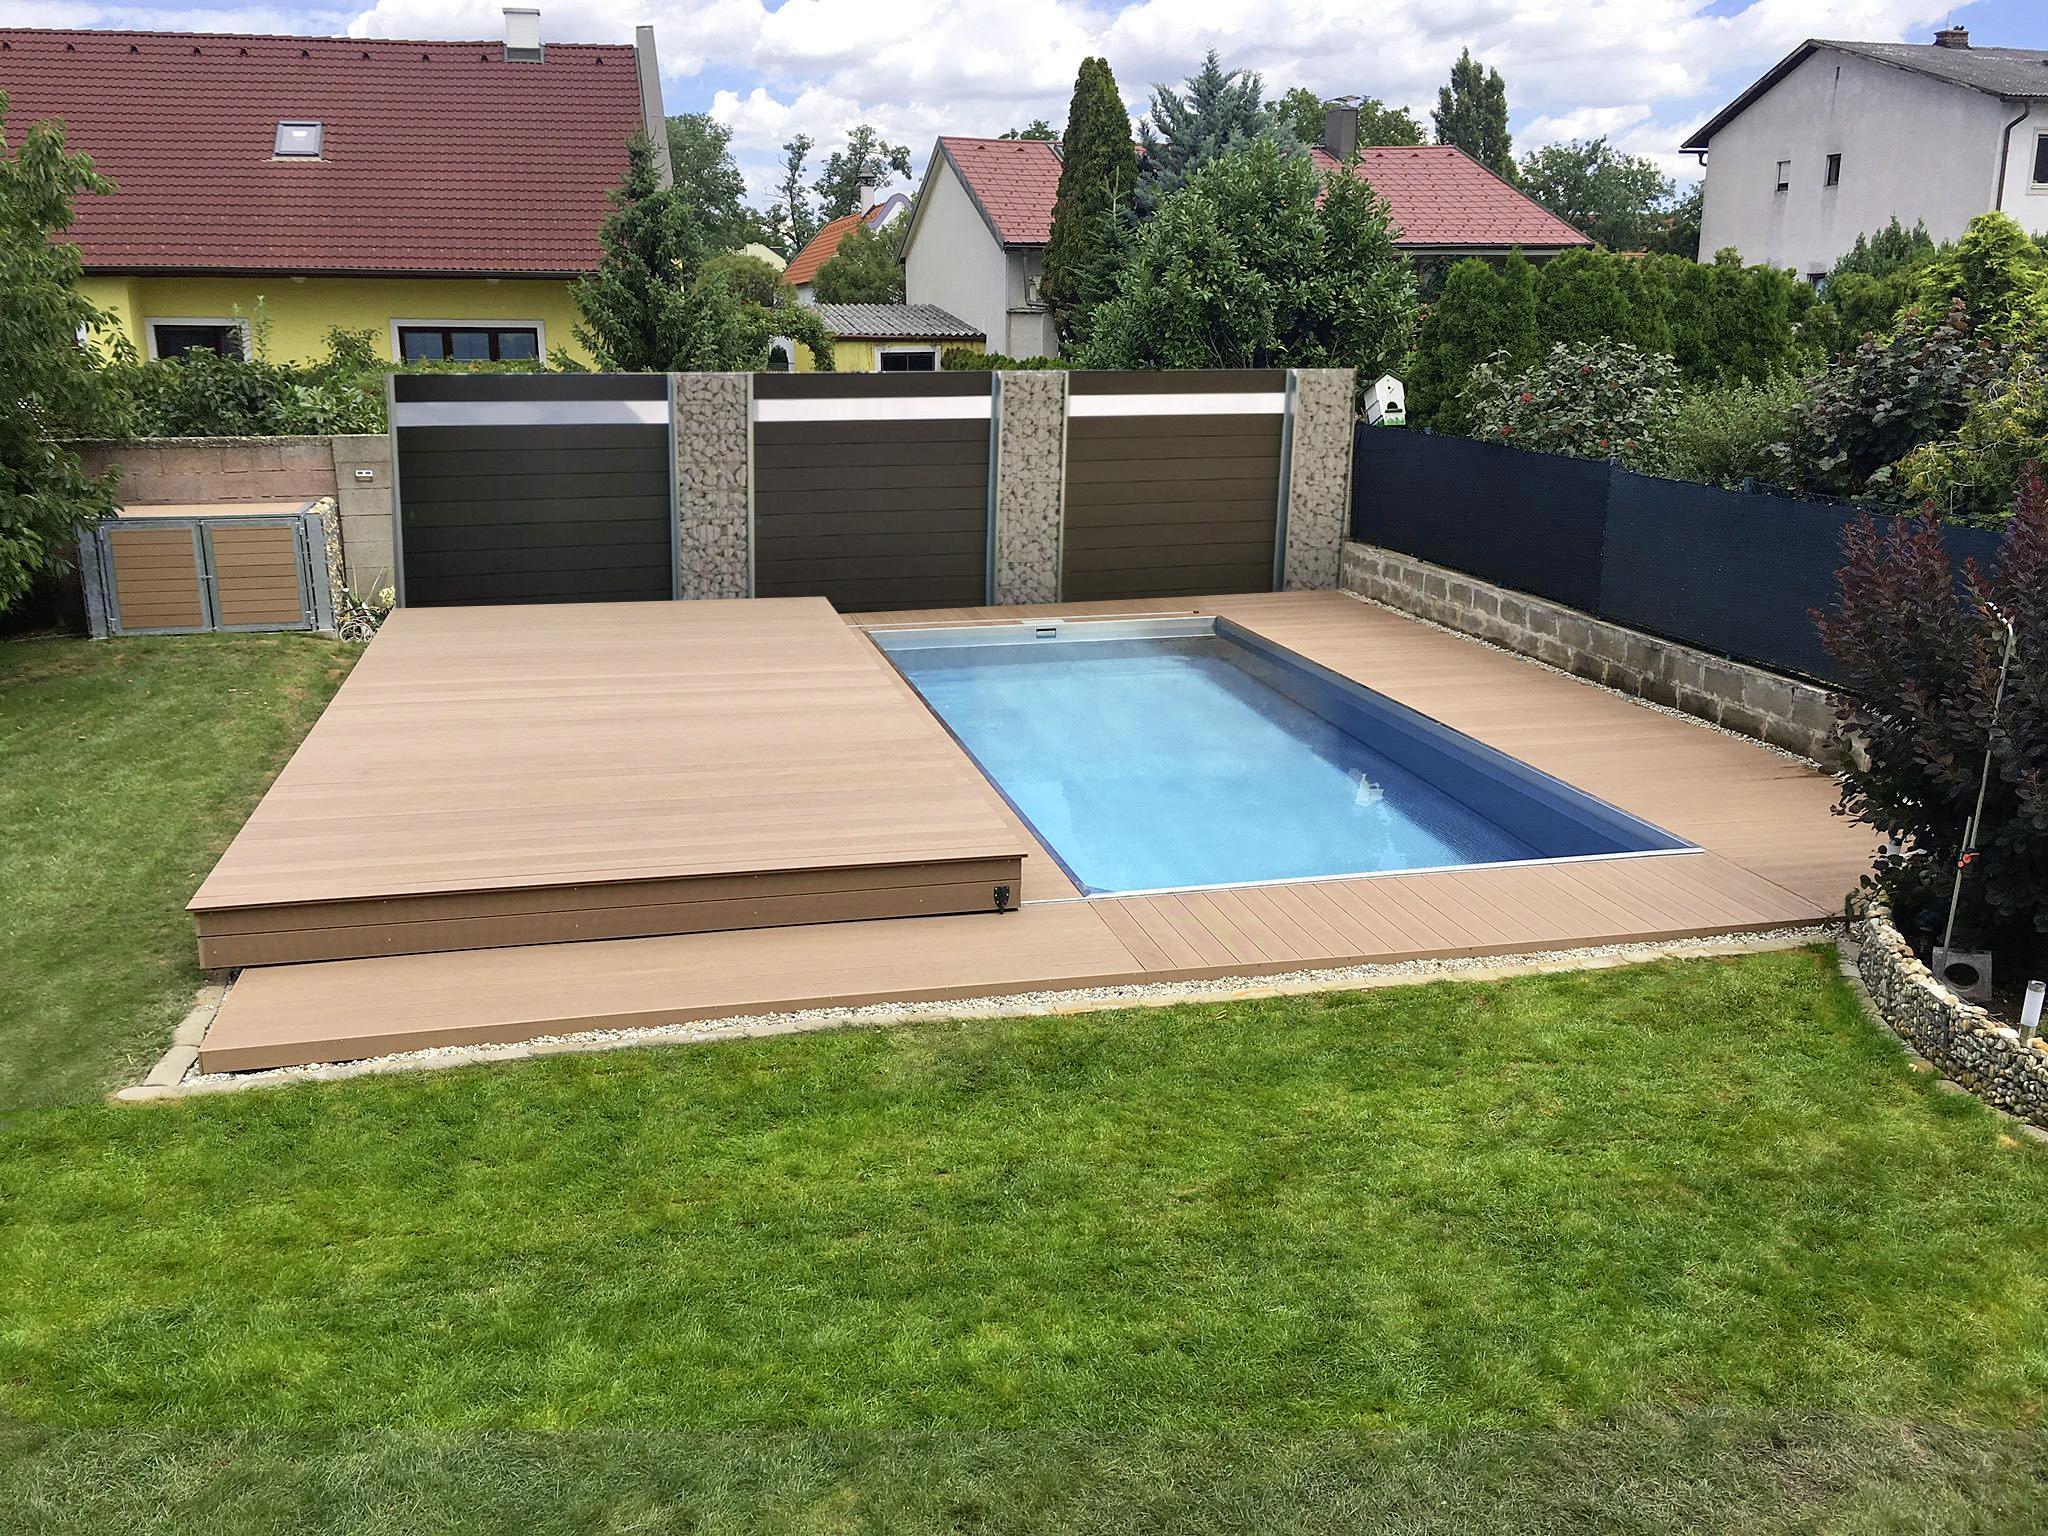 Pool Garten Kindersicher Poolabdeckung Killi Terrasse And Mehr